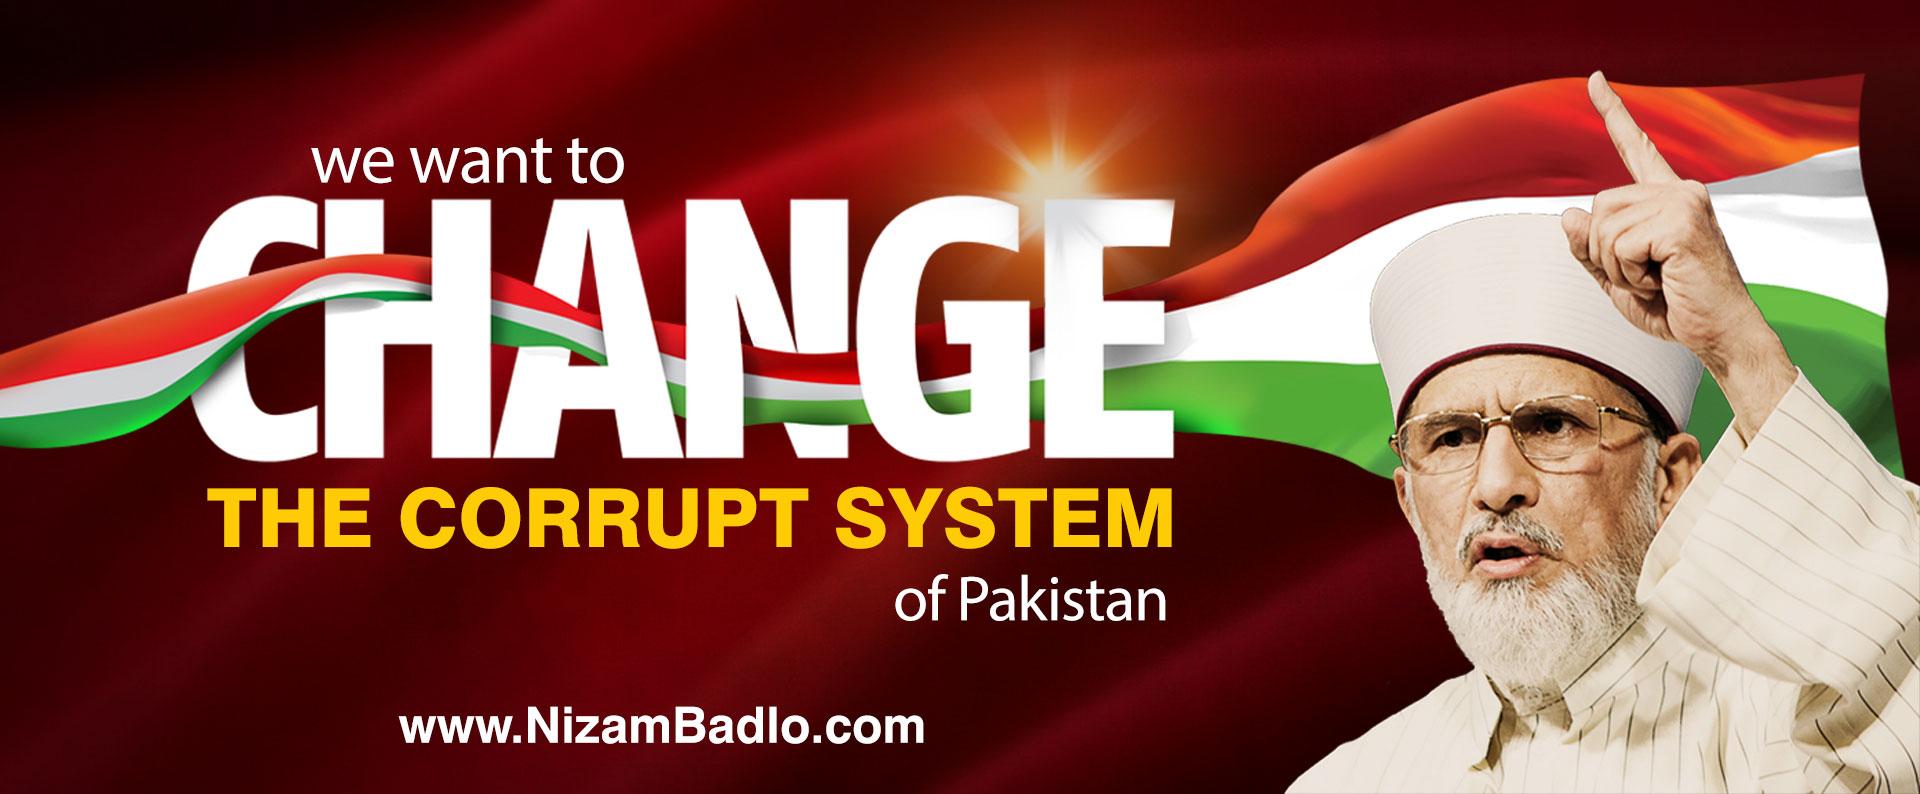 پاکستان میں رائج کرپٹ نظام کی تبدیلی